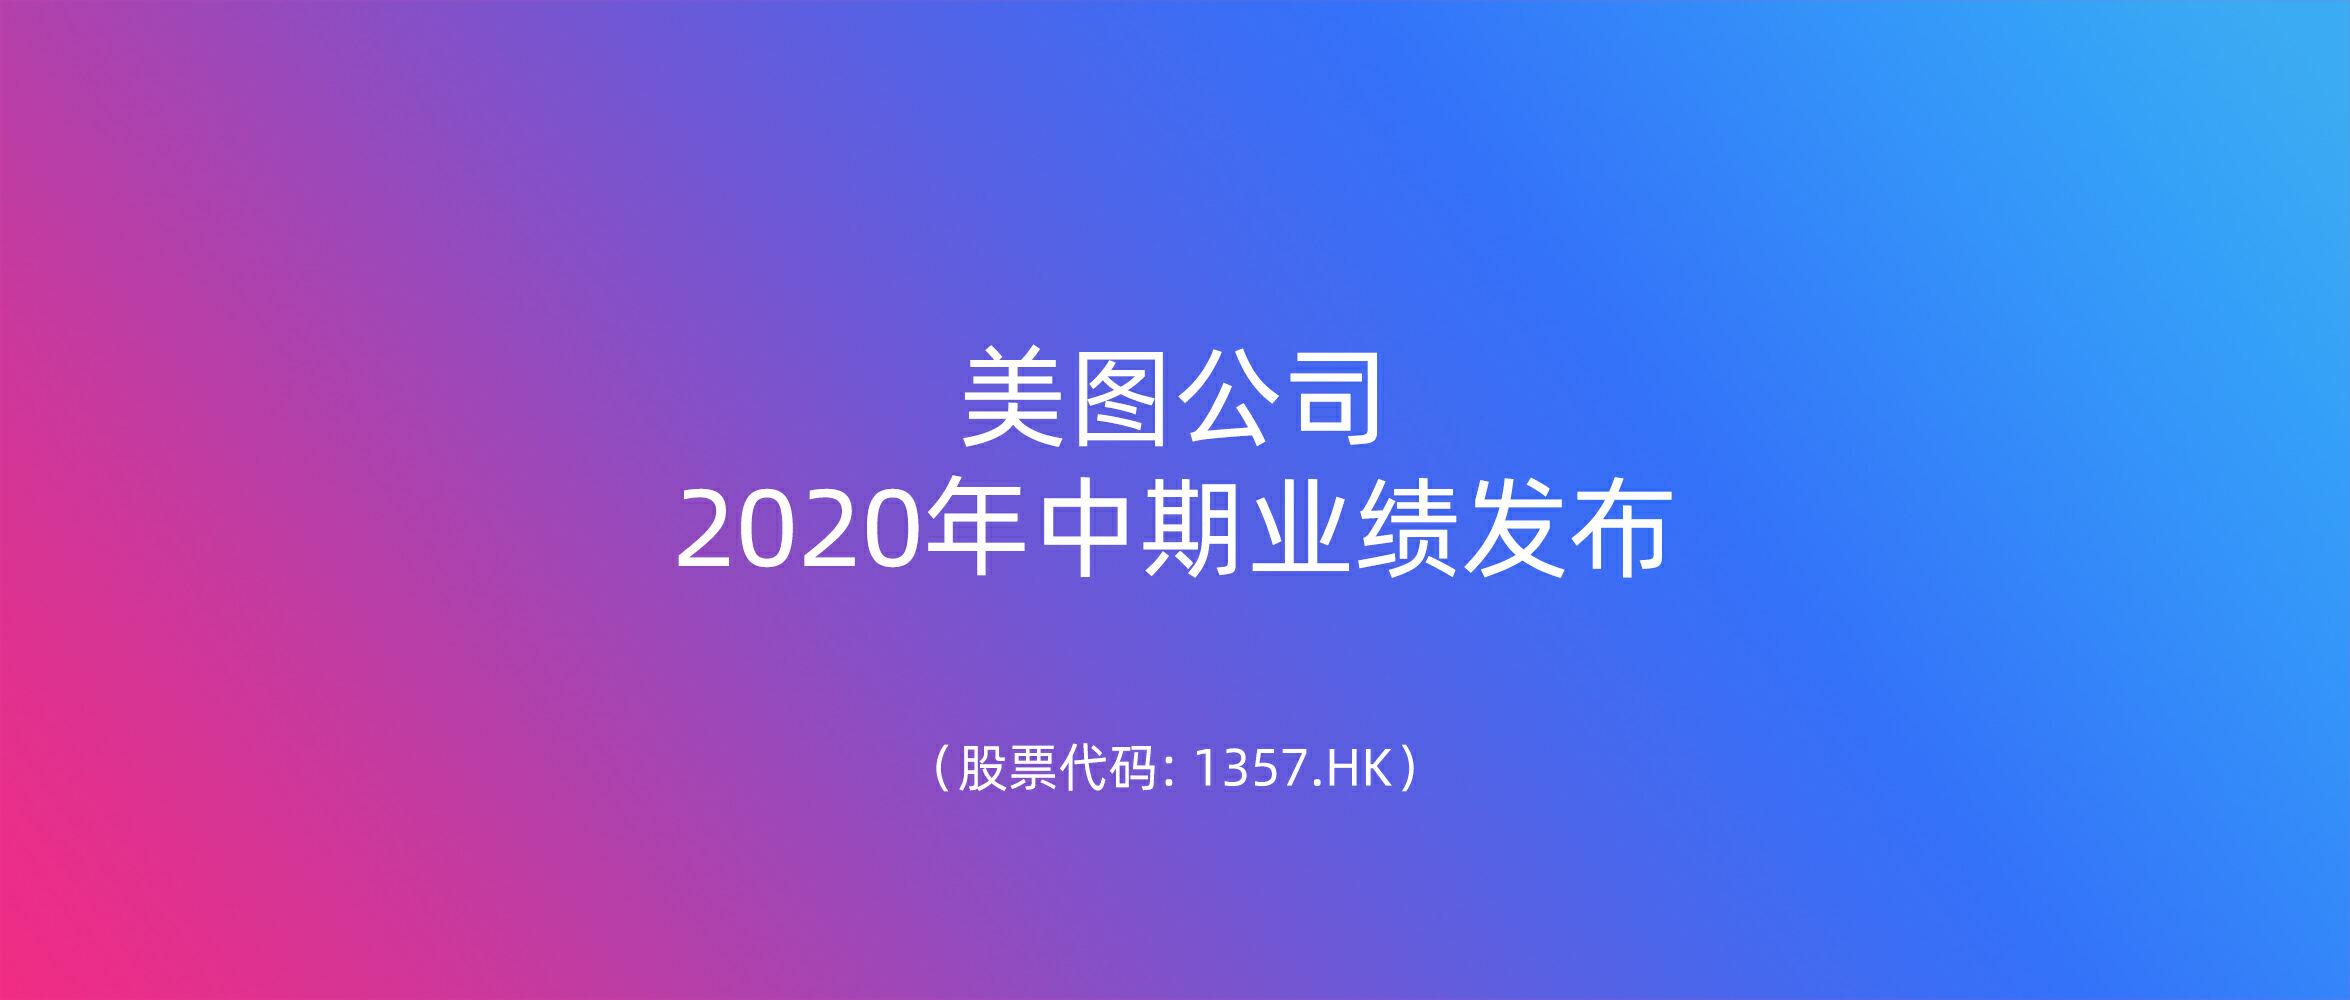 美图公司2020年上半年营收5.575亿元,收入同比增长20.1%